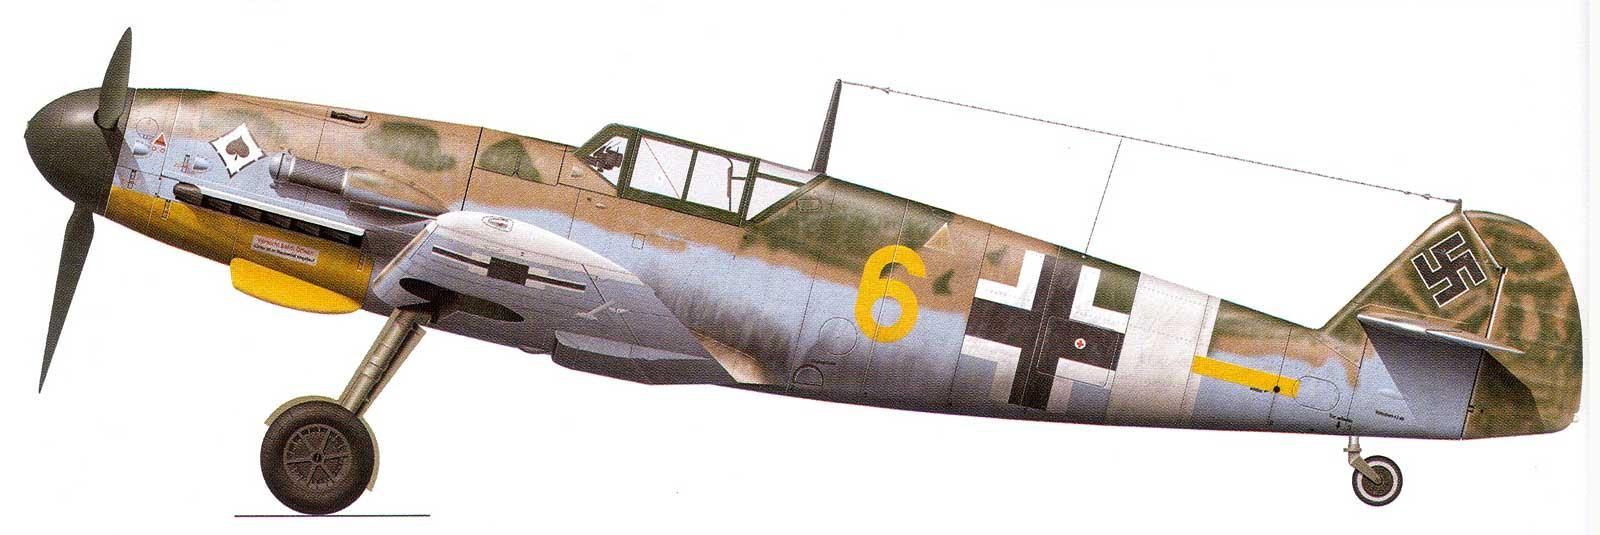 Messerschmitt Bf 109G2Trop 6.JG53 (Y6+-) Sicily 1943.jpg